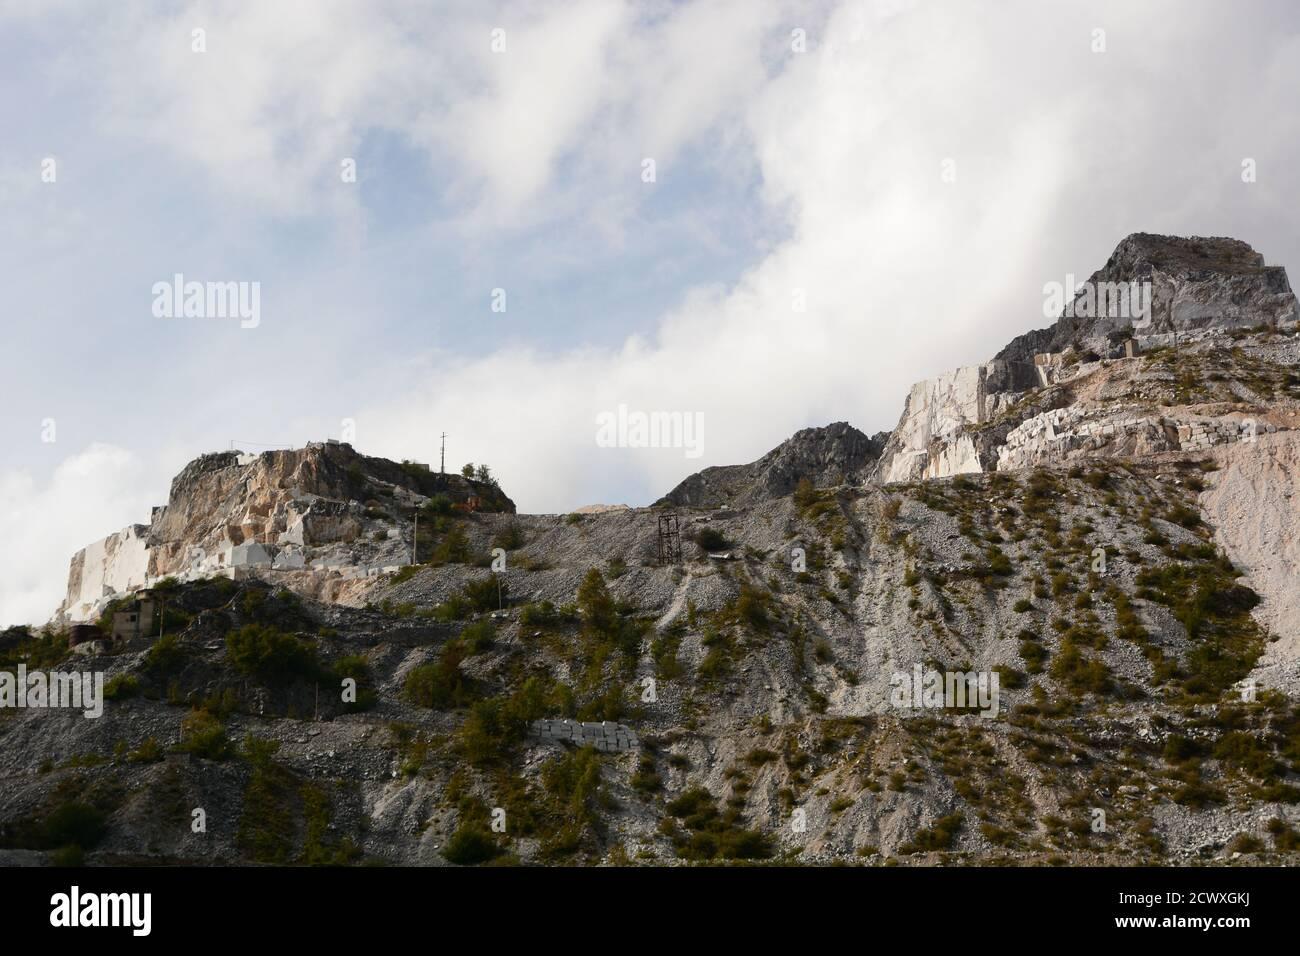 Marble quarry. Colonnata. Carrara. Tuscany. Italy Stock Photo